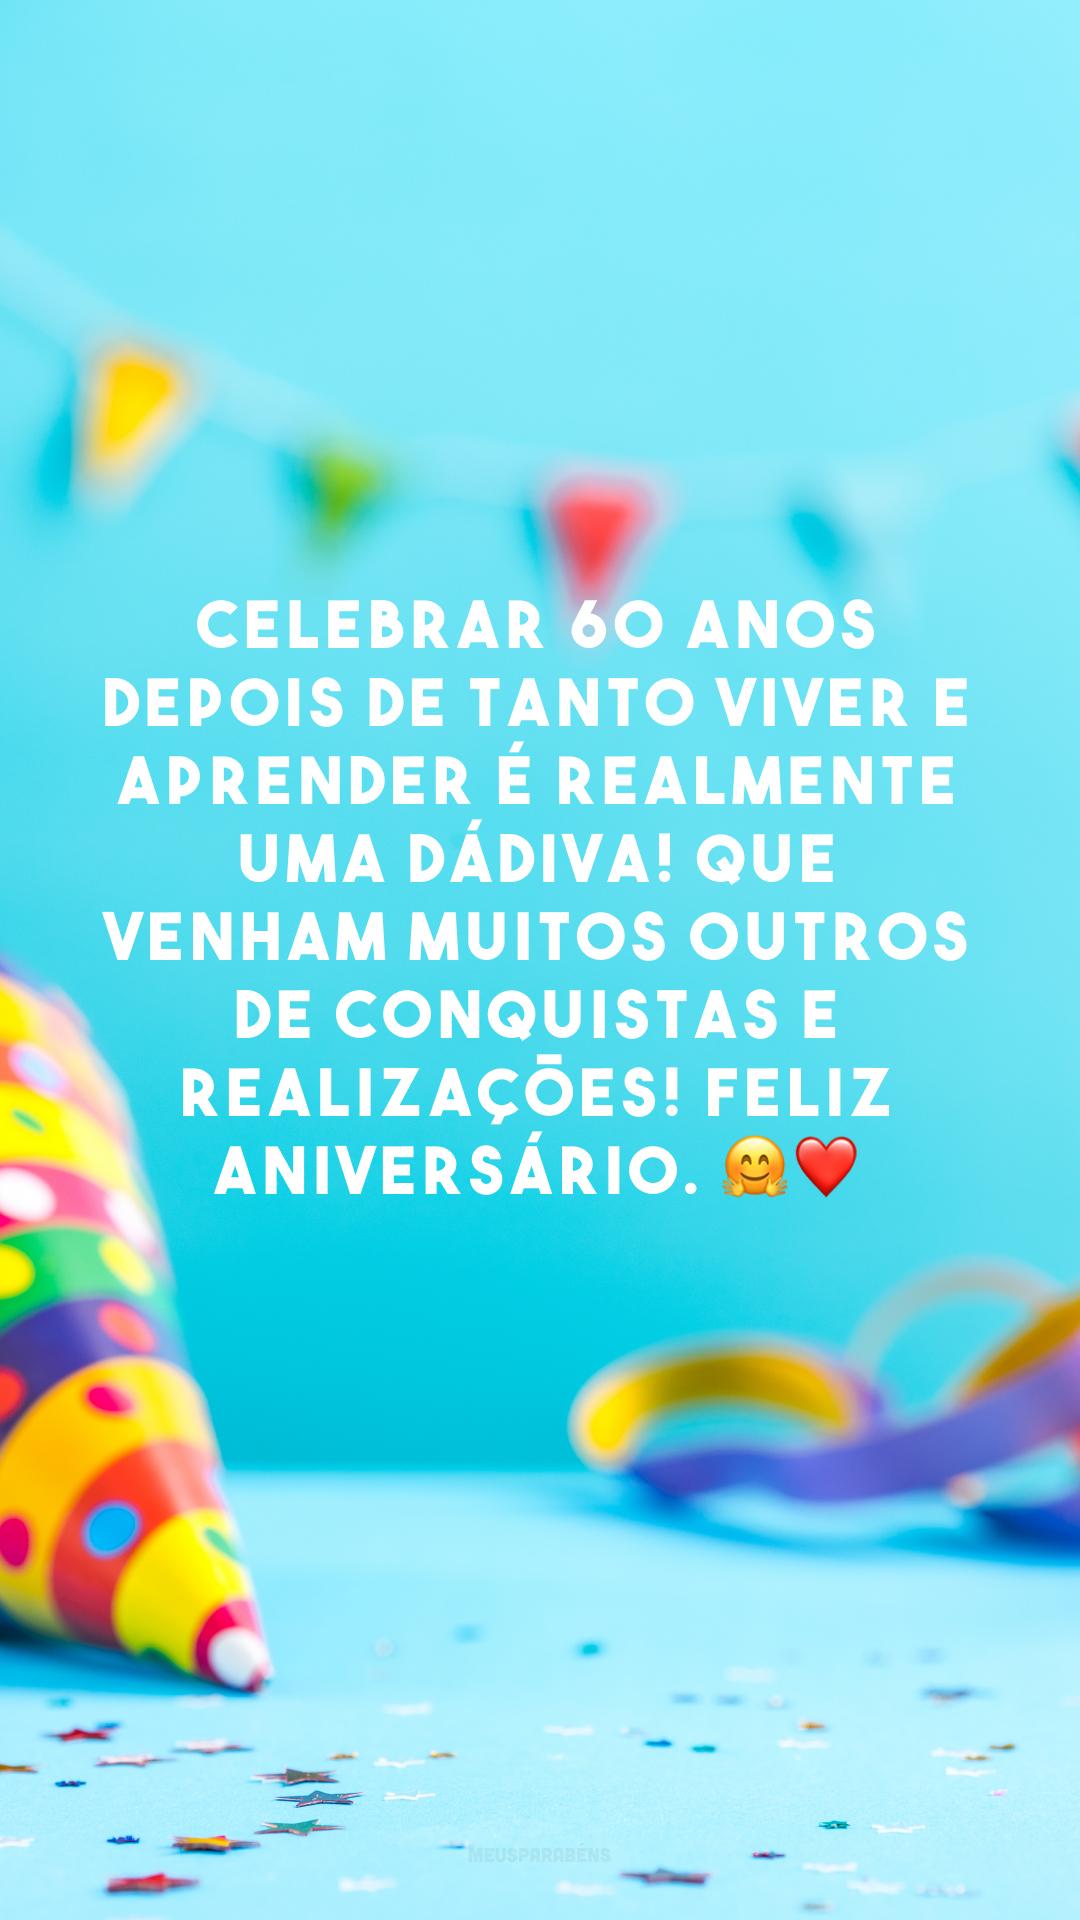 Celebrar 60 anos depois de tanto viver e aprender é realmente uma dádiva! Que venham muitos outros de conquistas e realizações! Feliz aniversário. 🤗❤️